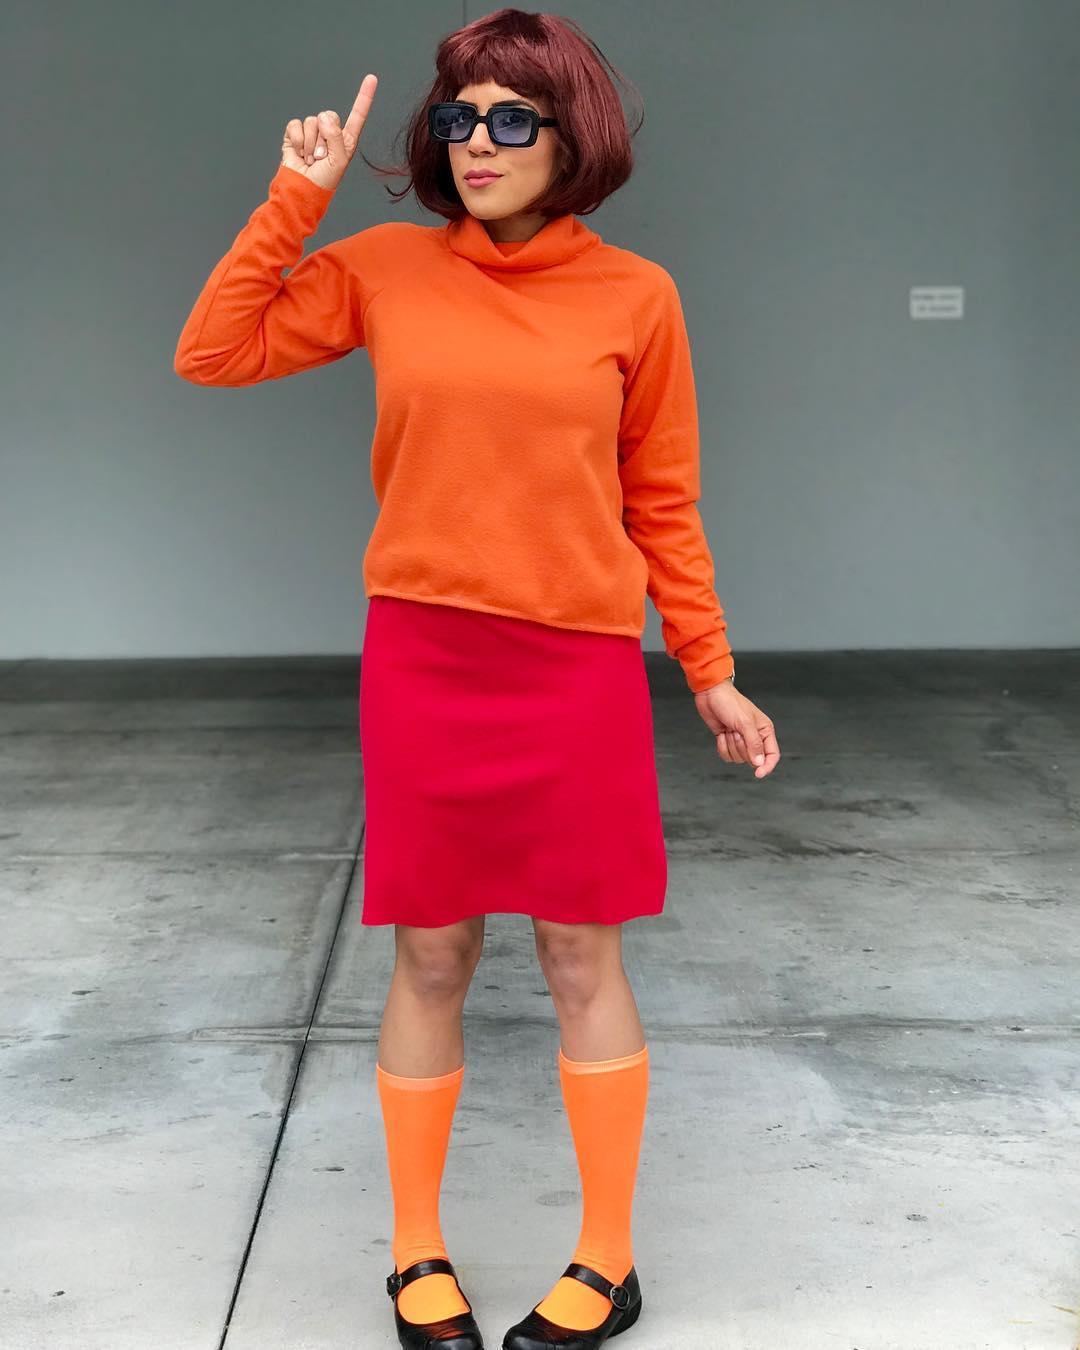 Francisca Lachapel, #ScoobyDooPapa Vilma 13 de Abril 2018